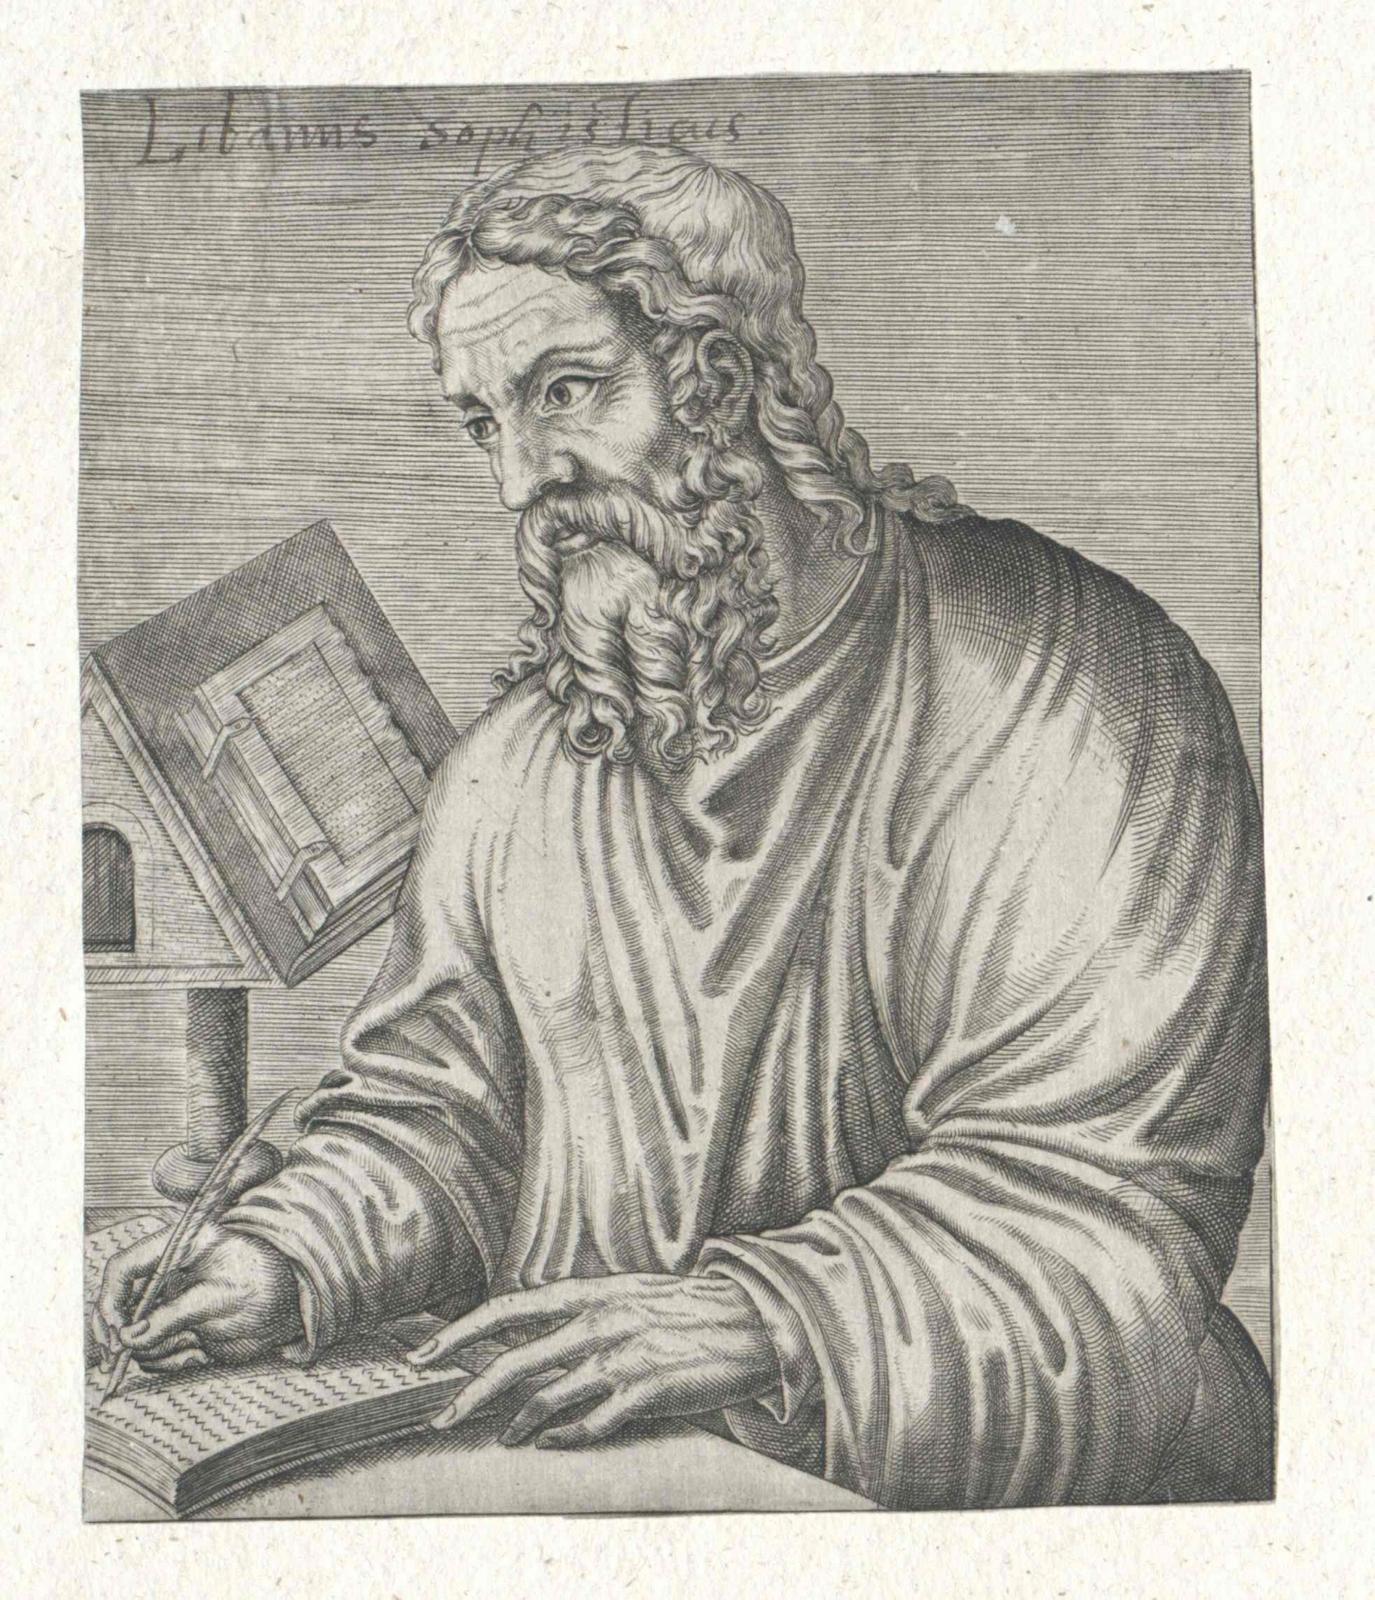 Libanius